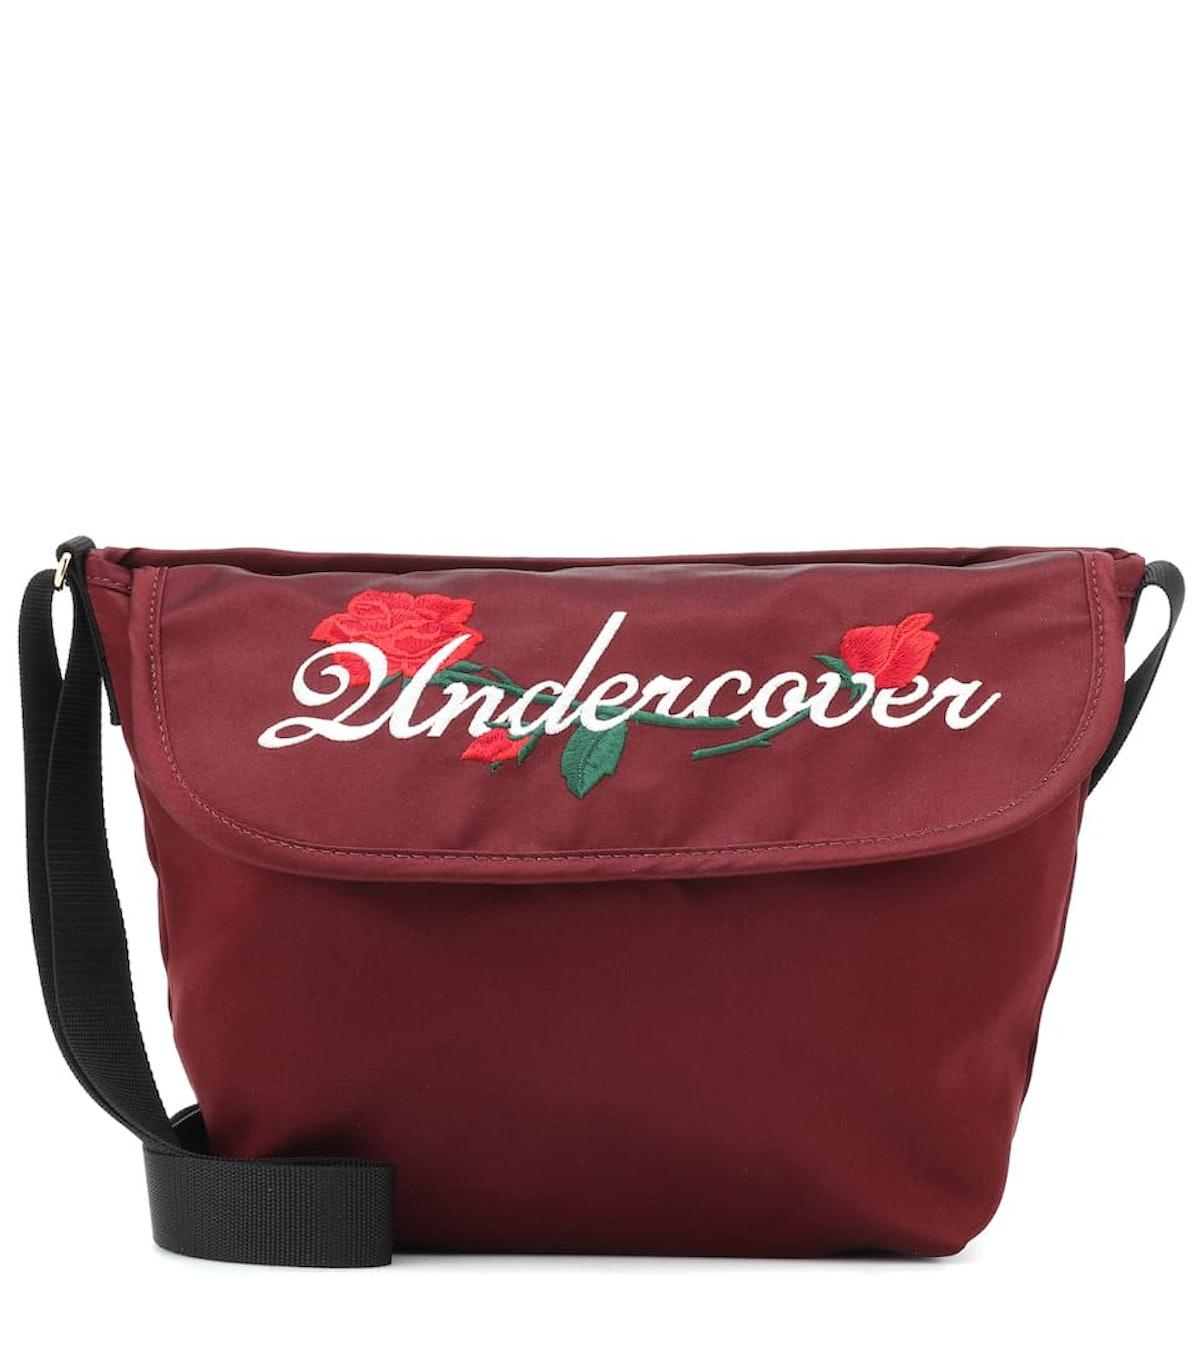 UNDERCOVER Embroidered satin shoulder bag